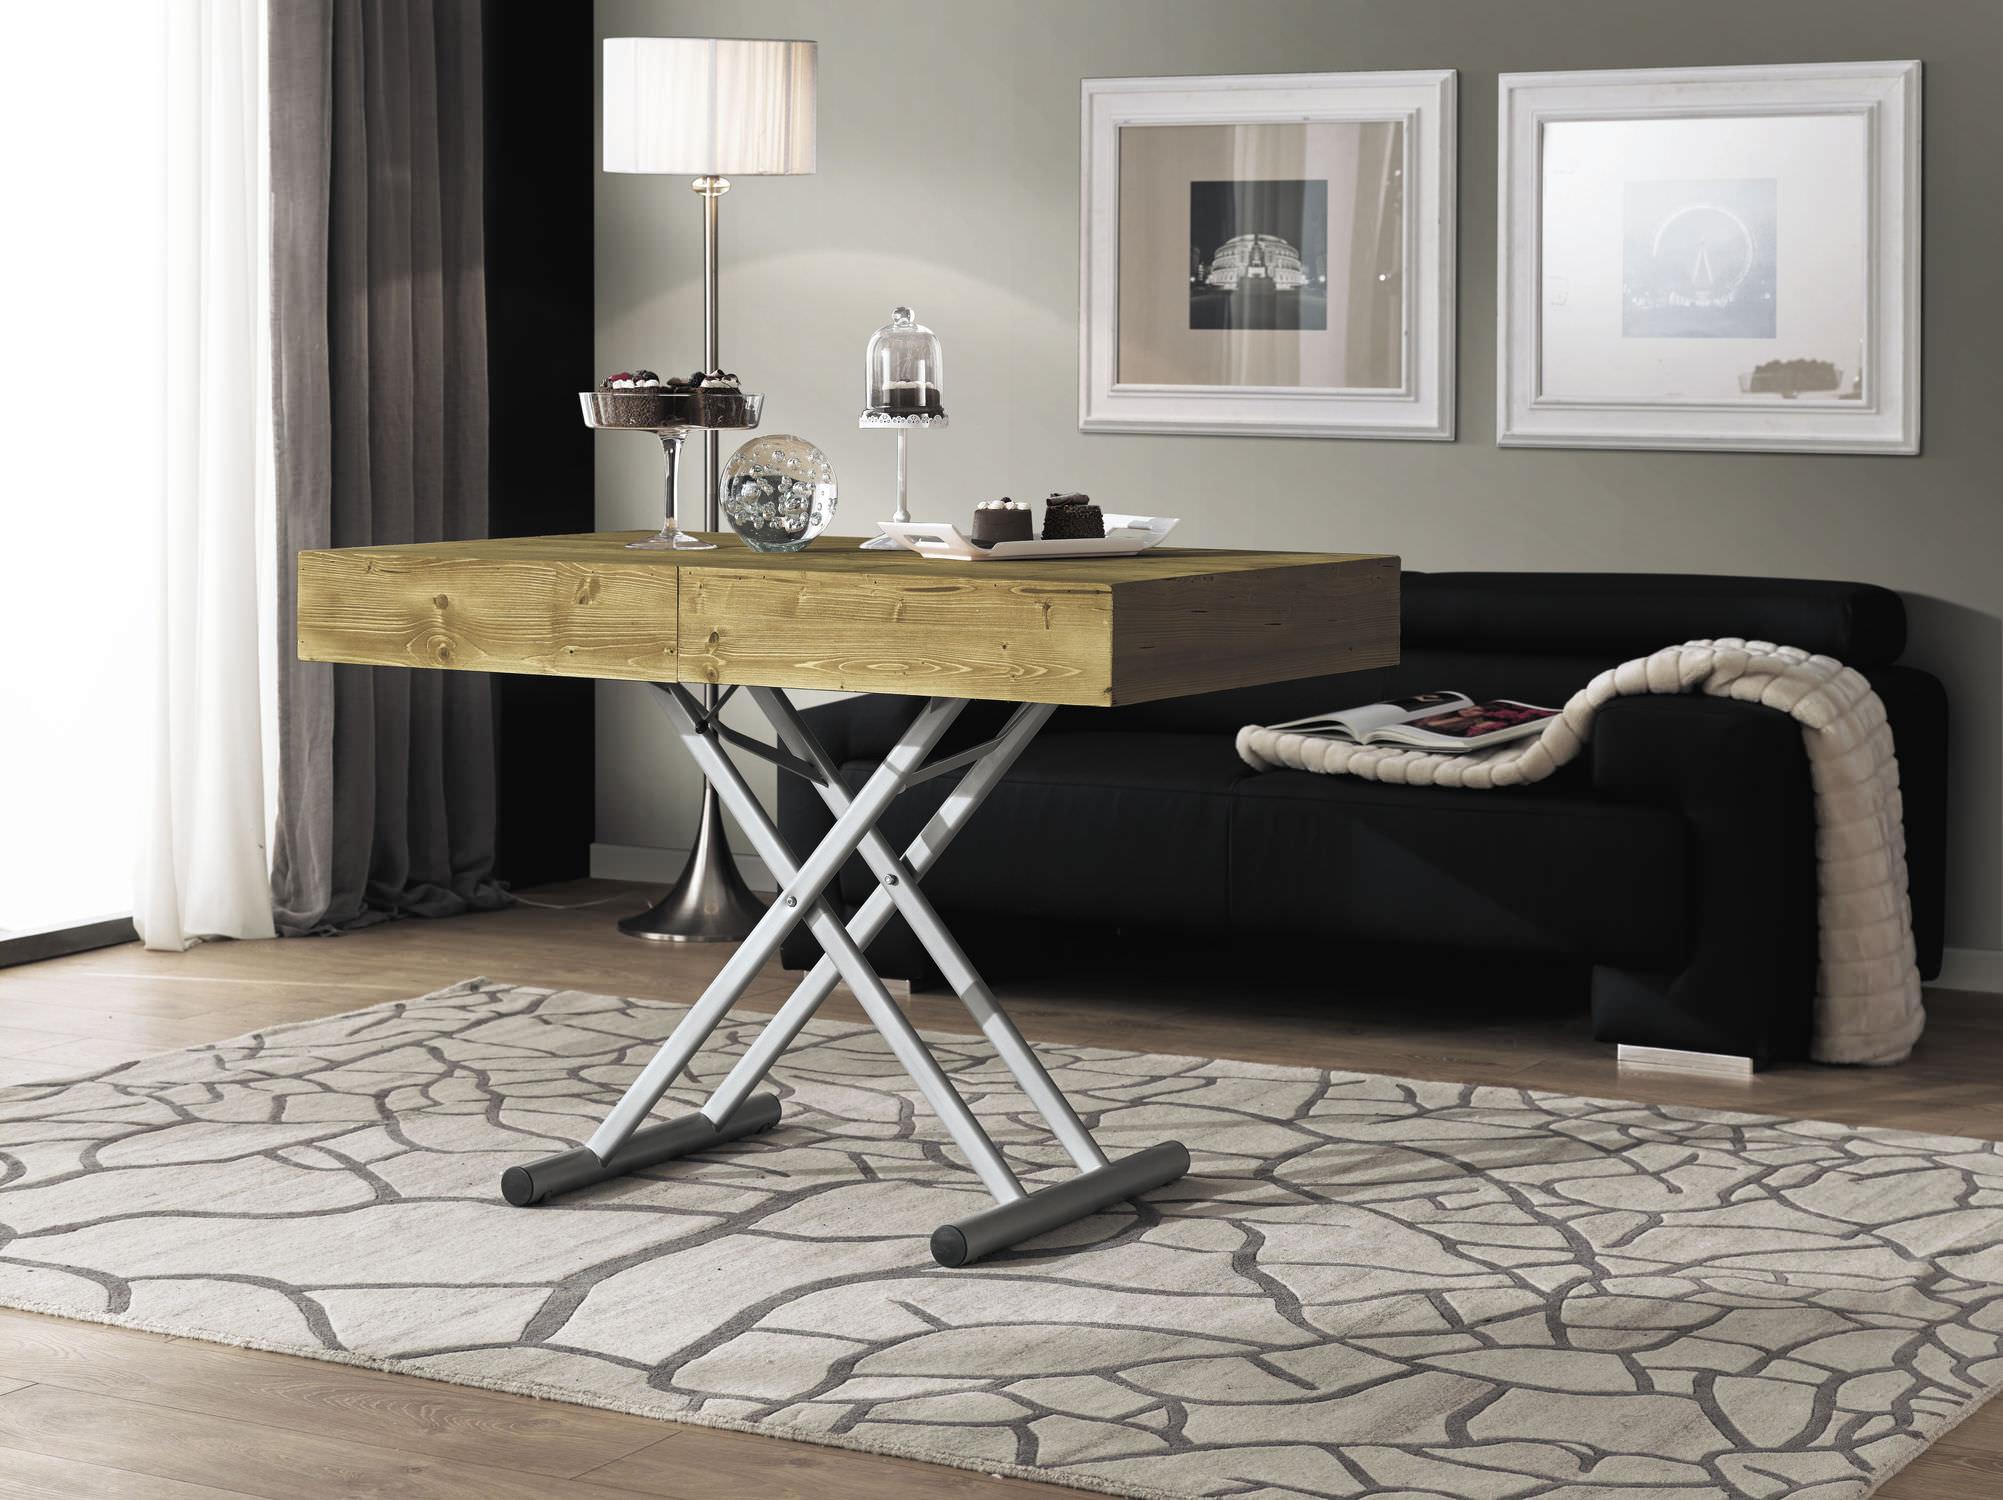 table reglable en hauteur bois